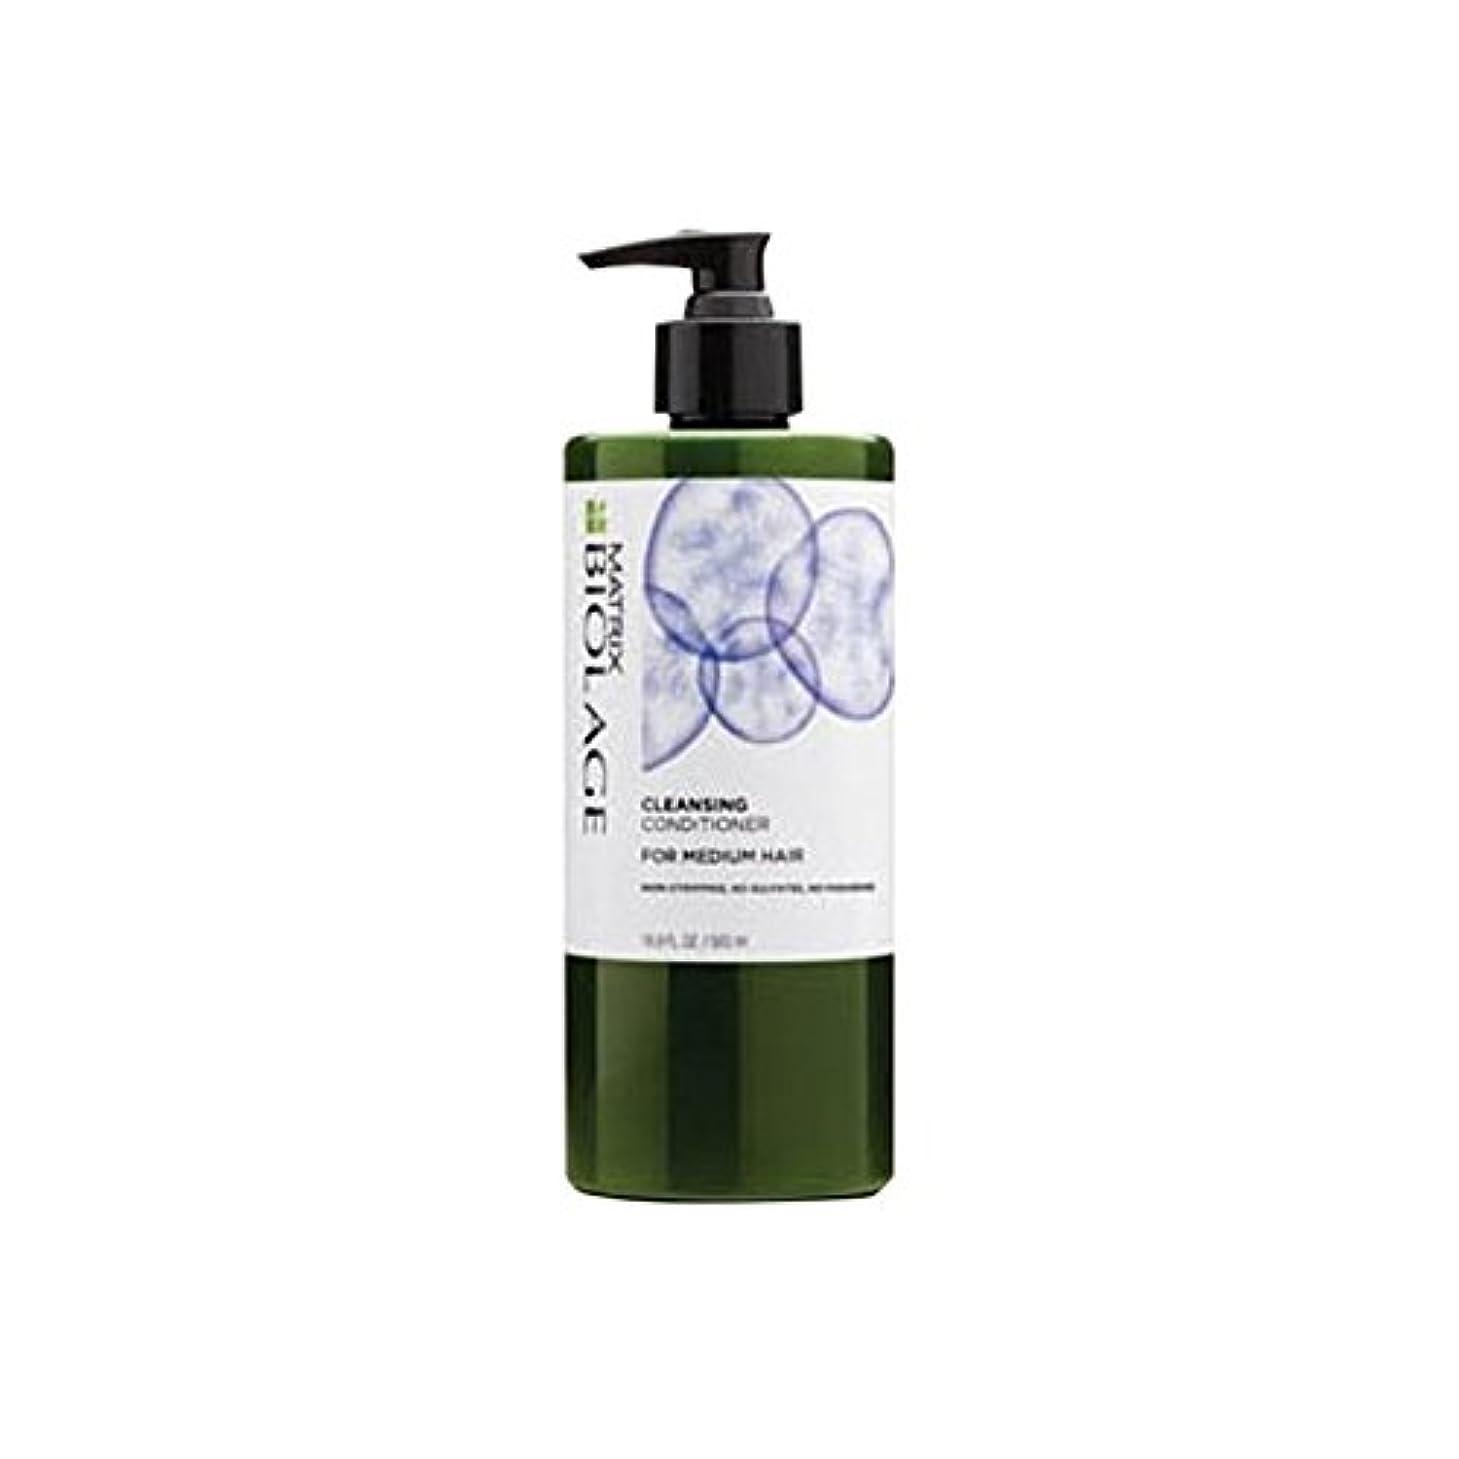 動力学半ば物理的にマトリックスバイオレイジクレンジングコンディショナー - メディア髪(500ミリリットル) x4 - Matrix Biolage Cleansing Conditioner - Medium Hair (500ml)...